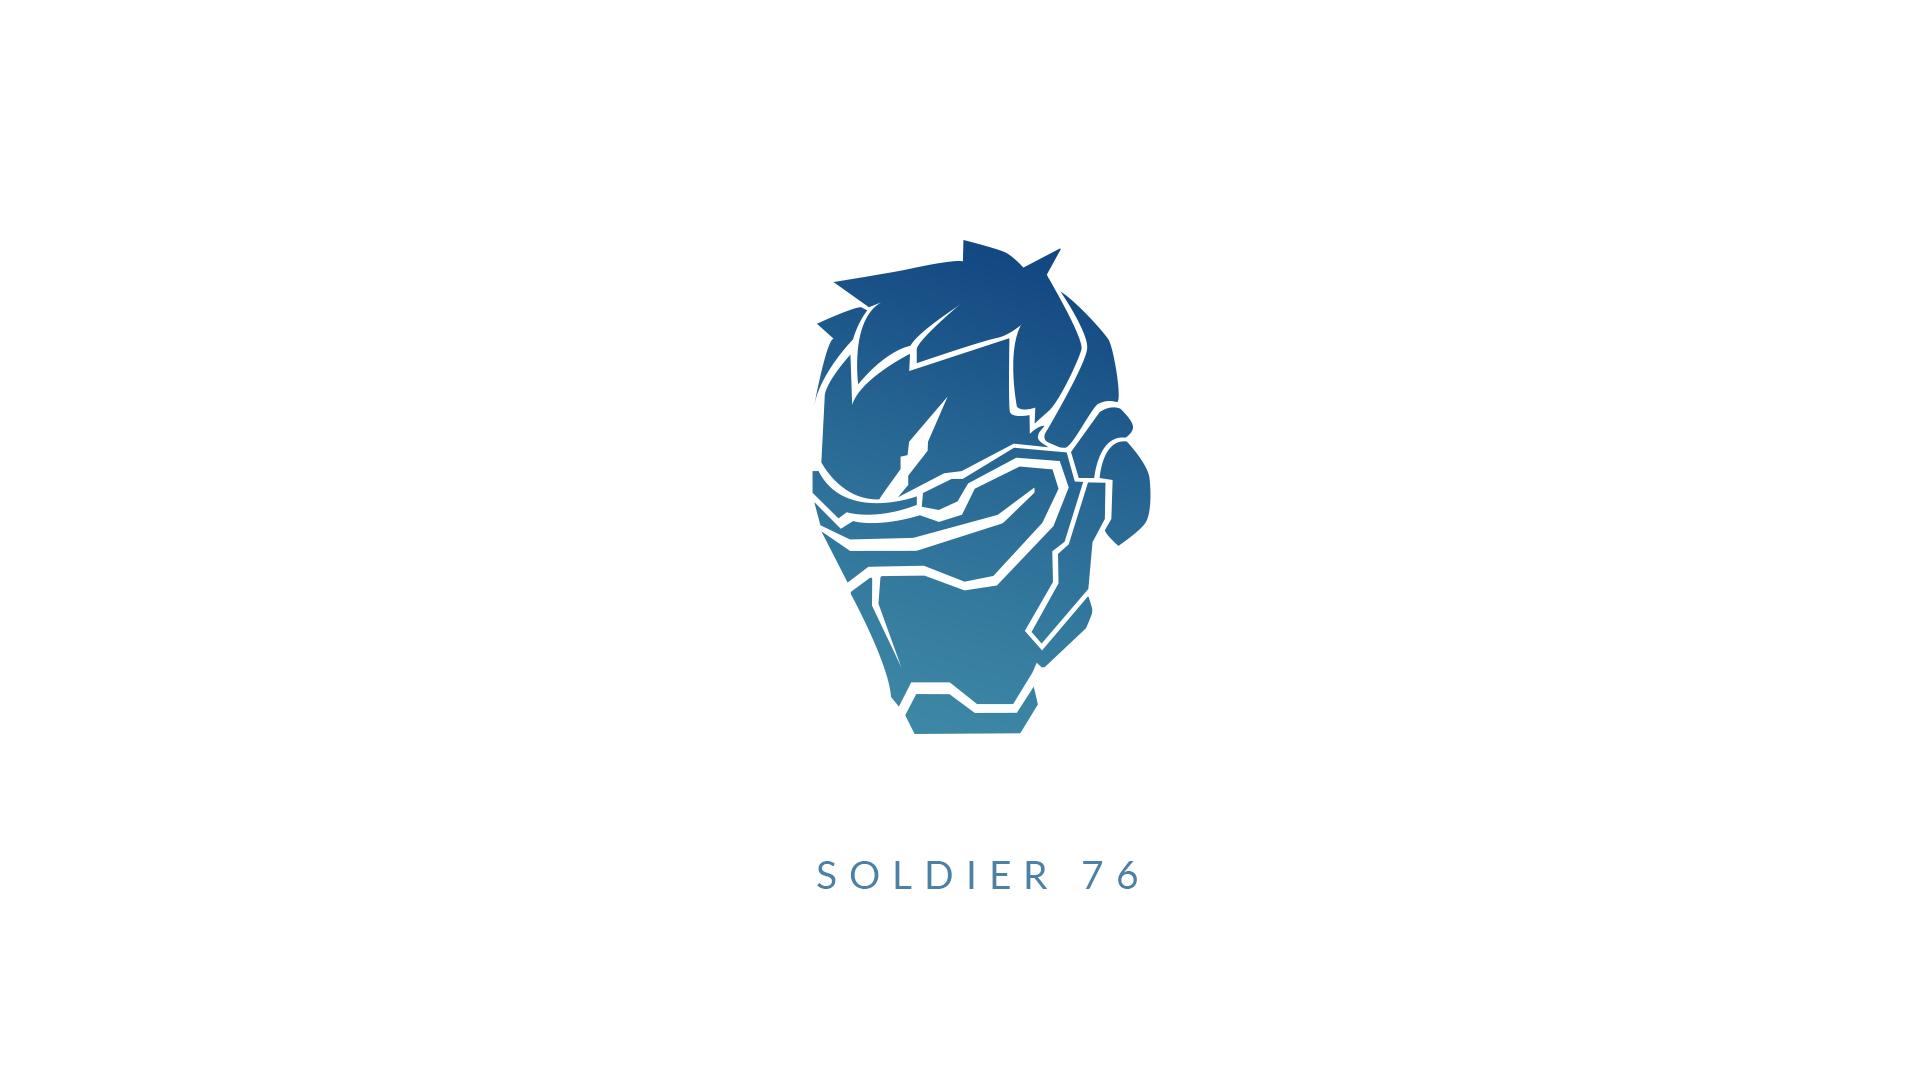 soldierv2